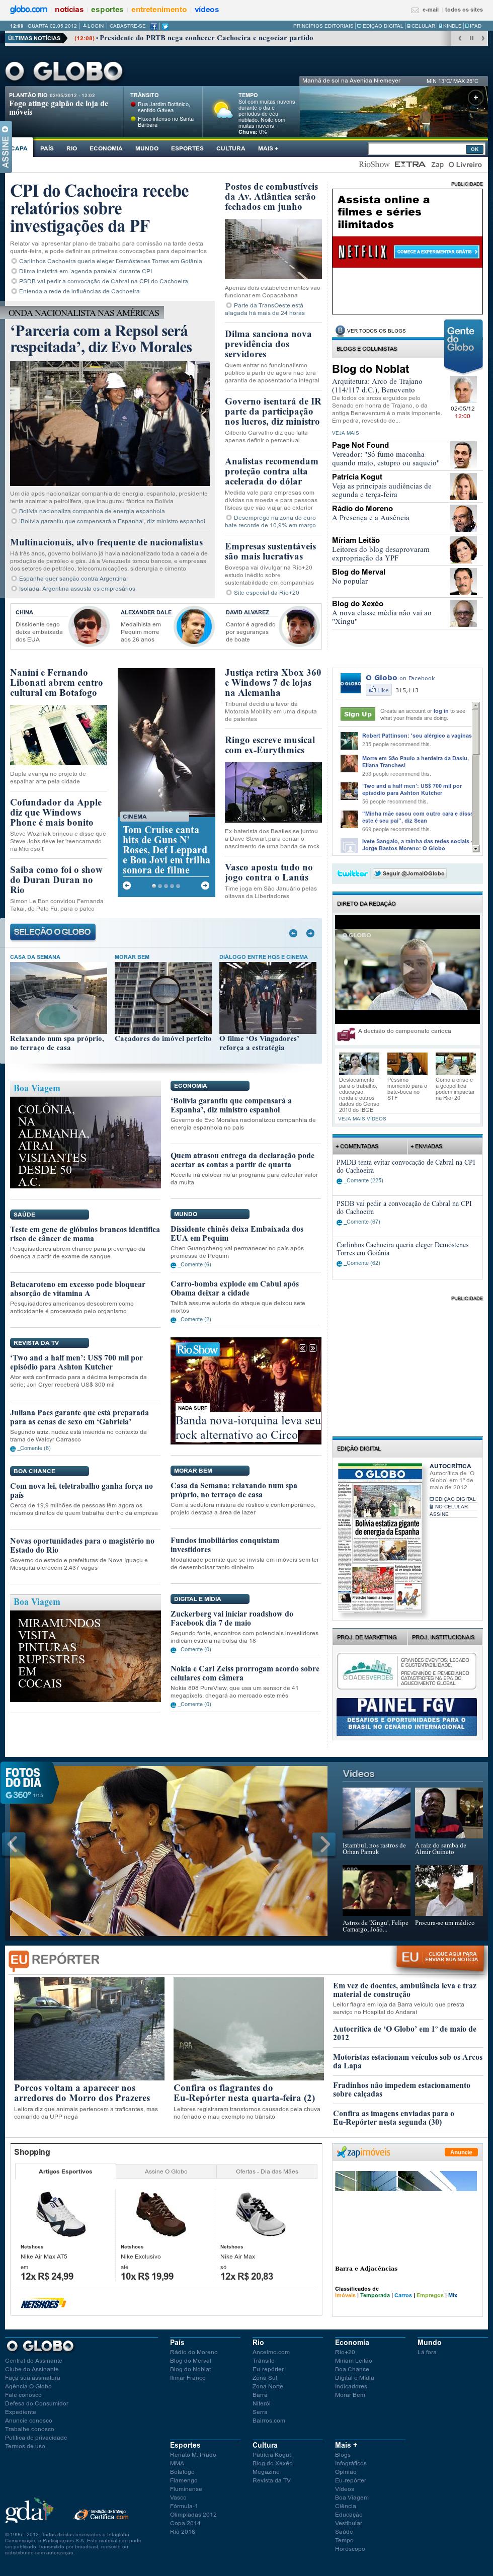 O Globo at Wednesday May 2, 2012, 3:09 p.m. UTC